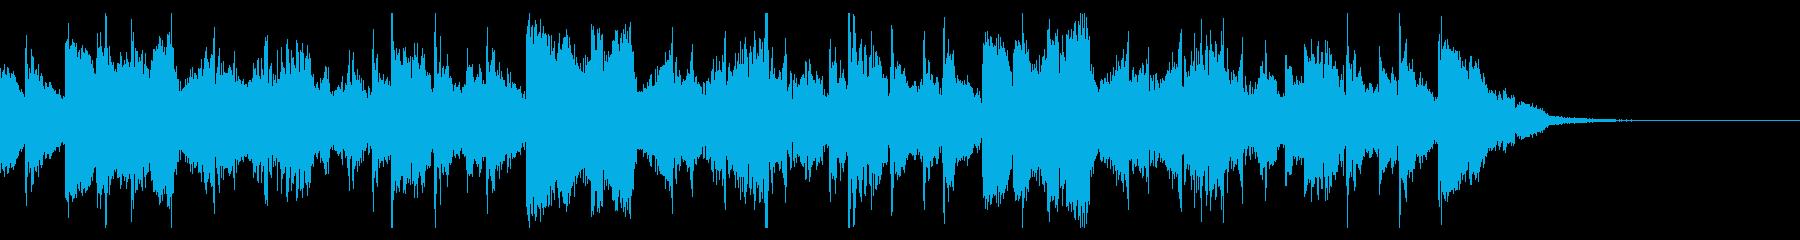 不気味なアラビアン調のアングラ系サウンドの再生済みの波形